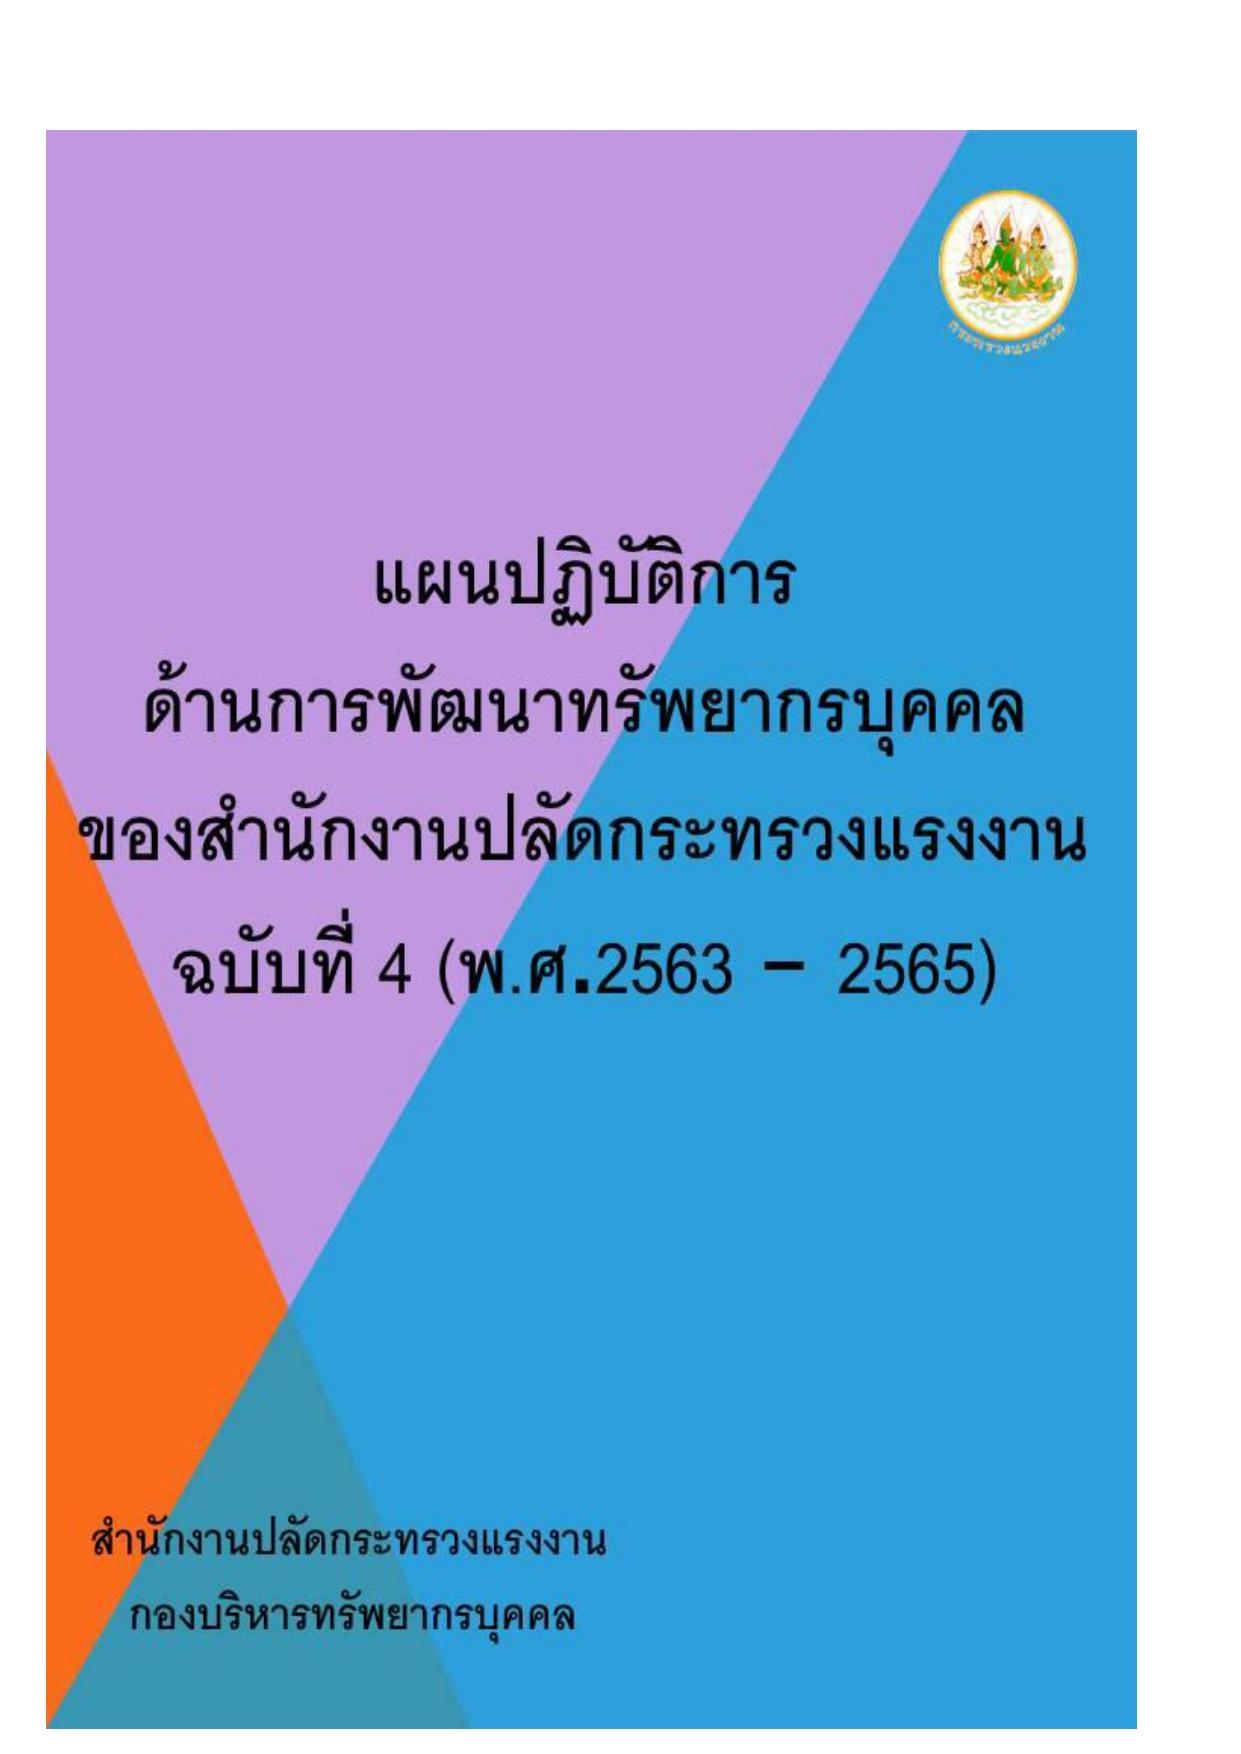 แผนปฏิบัติการด้านพัฒนาทรัพยากรบุคคลของสำนักงานปลัดกระทรวงแรงงาน ฉบับที่ 4